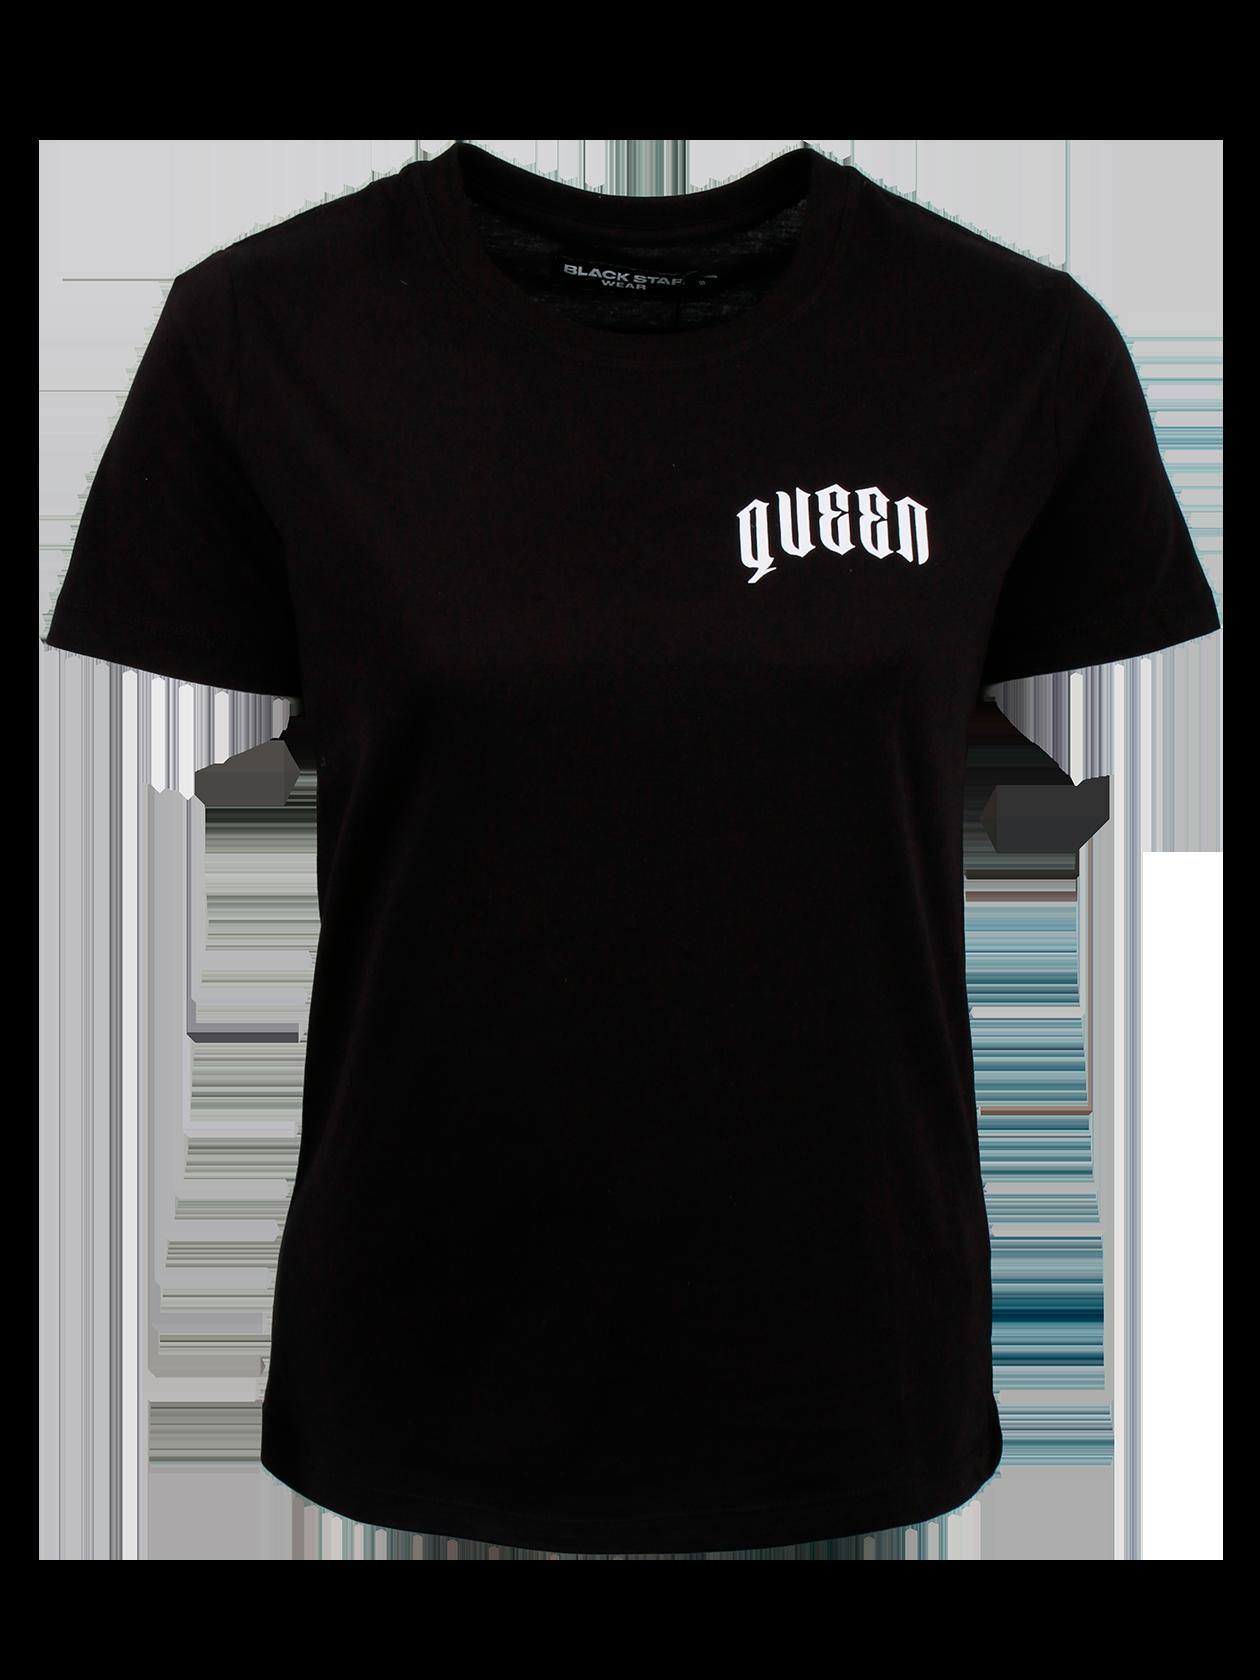 Футболка женская QUEENСтильная футболка женская Queen идеально впишется в повседневный и спортивный стиль. Модель представлена в практичной черной расцветке, обладает лаконичным кроем. Оптимальная длина, небольшой рукав, округлая горловина с эластичной окантовкой. Внутри имеется фирменная нашивка с логотипом бренда Black Star Wear. Дизайн дополнен контрастными надписями белыми буквами Queen 13 на спине и на груди. Футболка изготовлена из натурального хлопка класса «премиум».<br><br>Размер: XS<br>Цвет: Черный<br>Пол: Женский